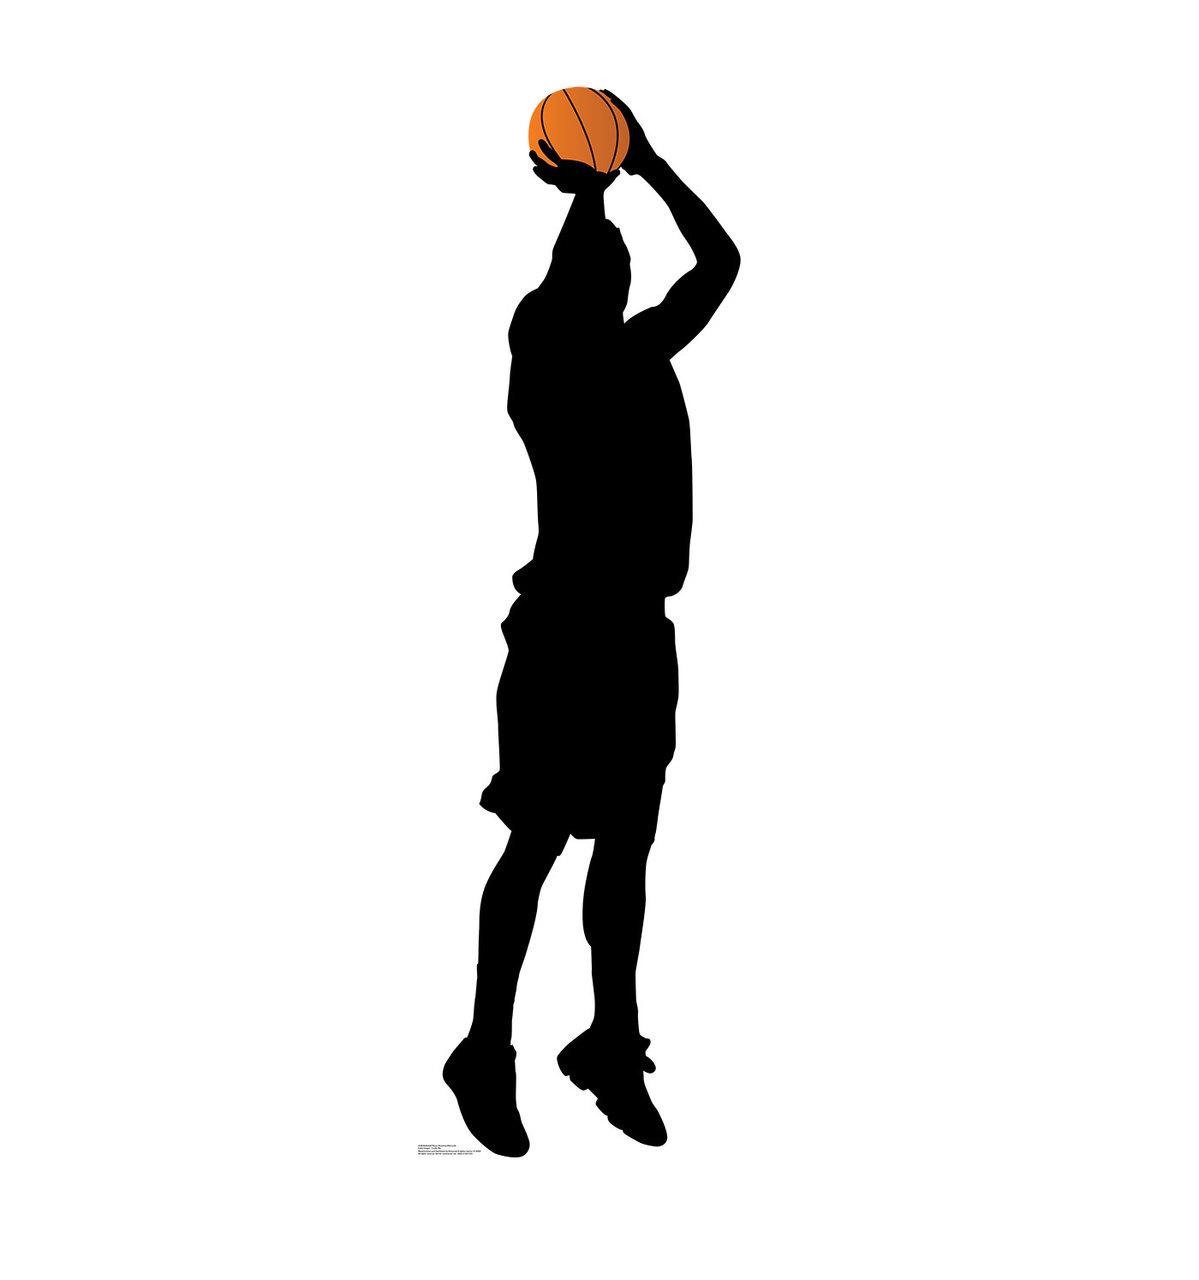 Silhouette Of Basketball Player Shooting.